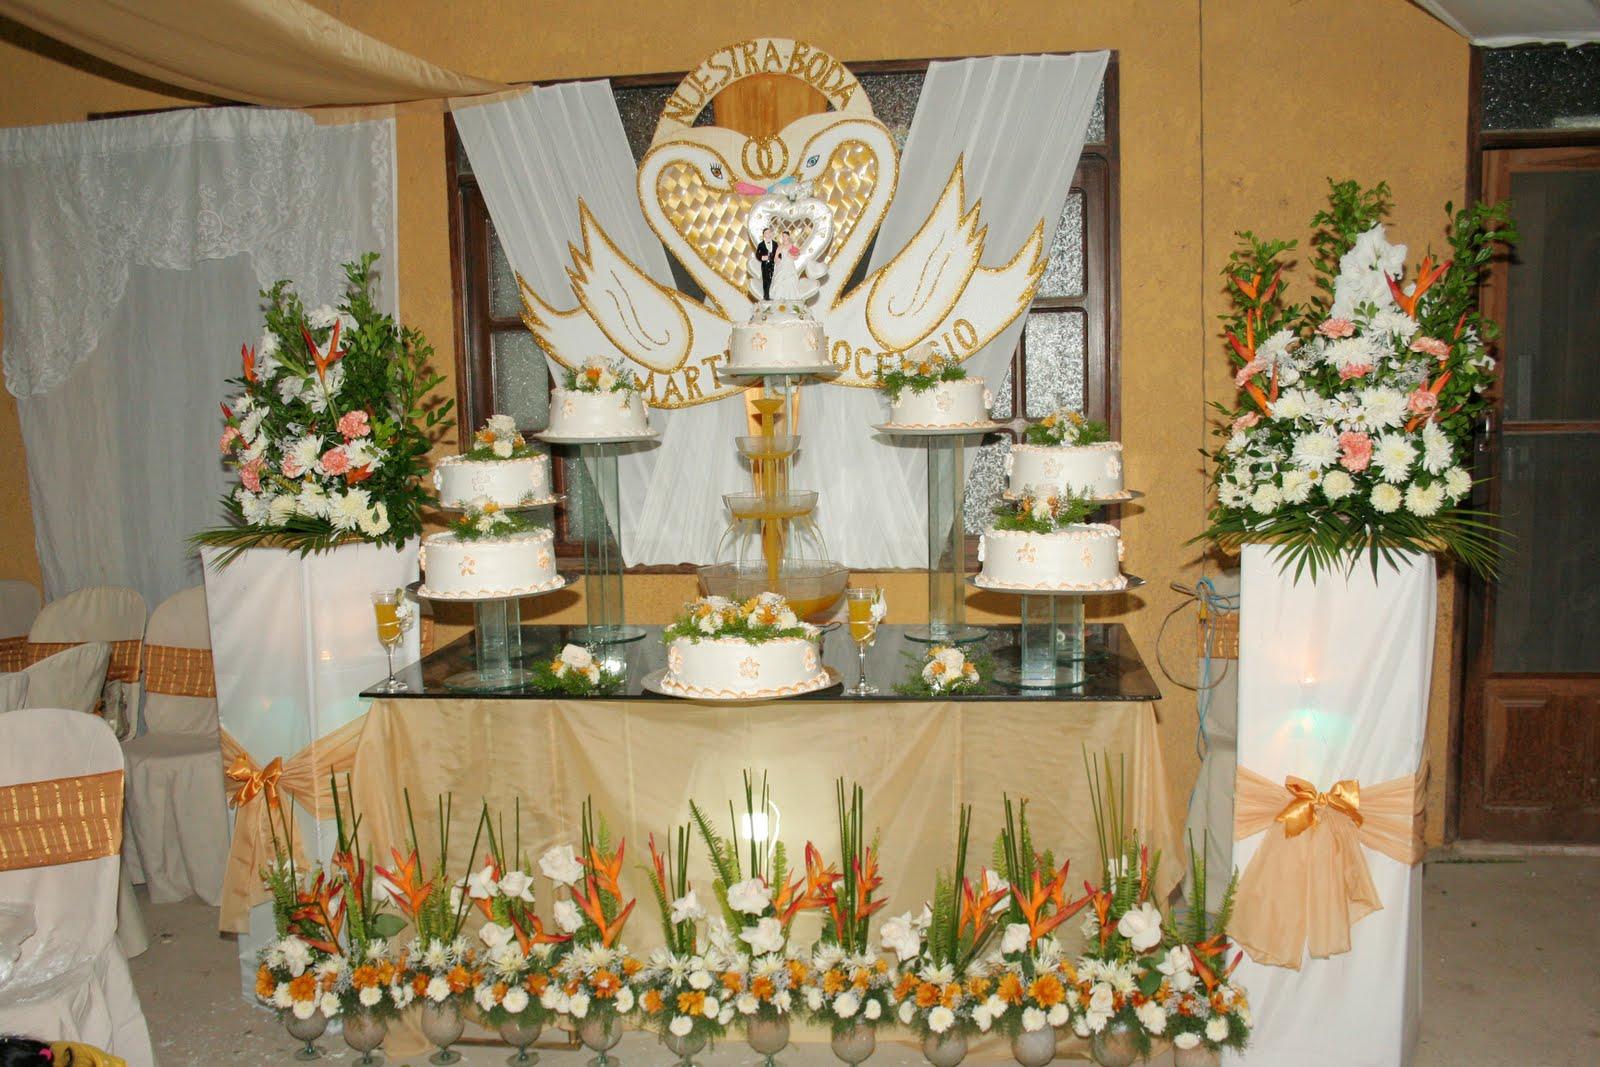 Decoraciones de bizcochos cake ideas and designs - Decoraciones de mesas ...